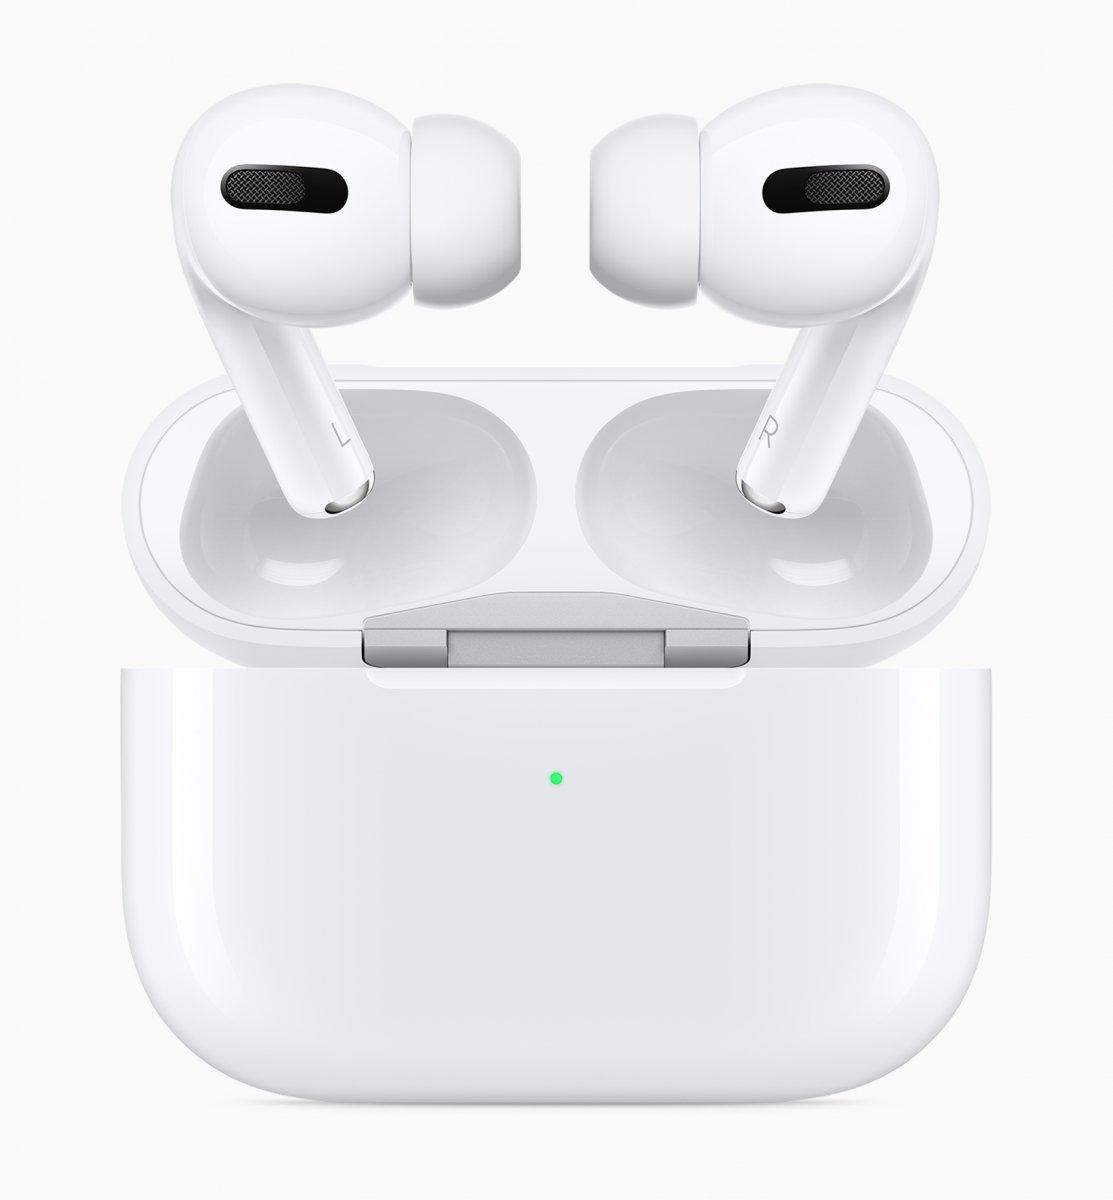 Apple stellt AirPods Pro vor – mit aktiver Geräuschunterdrückung